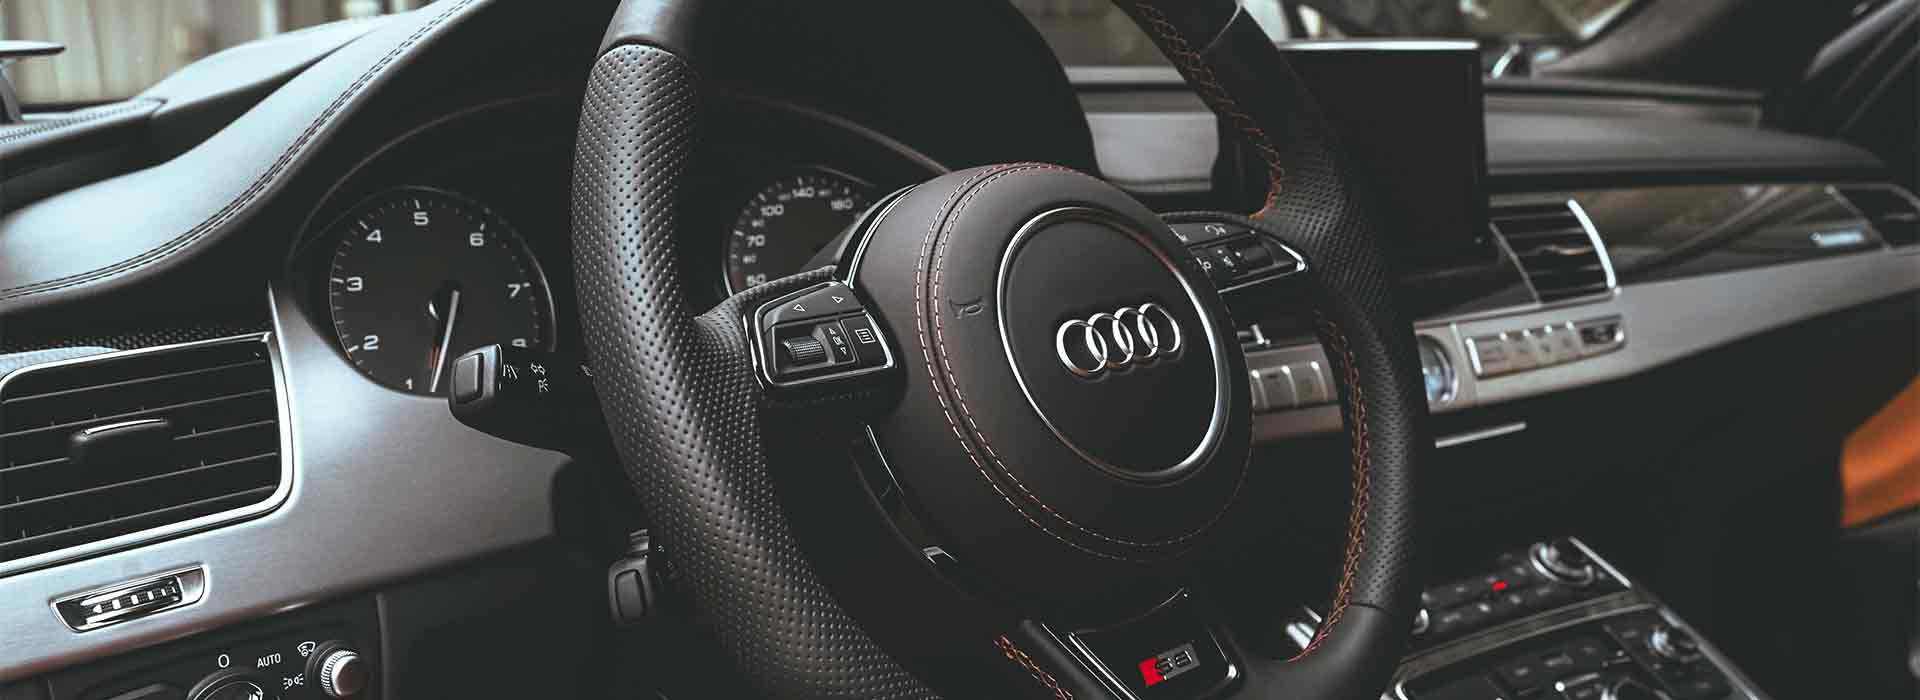 Подержанные автомобили в Германии против новых автомобилей